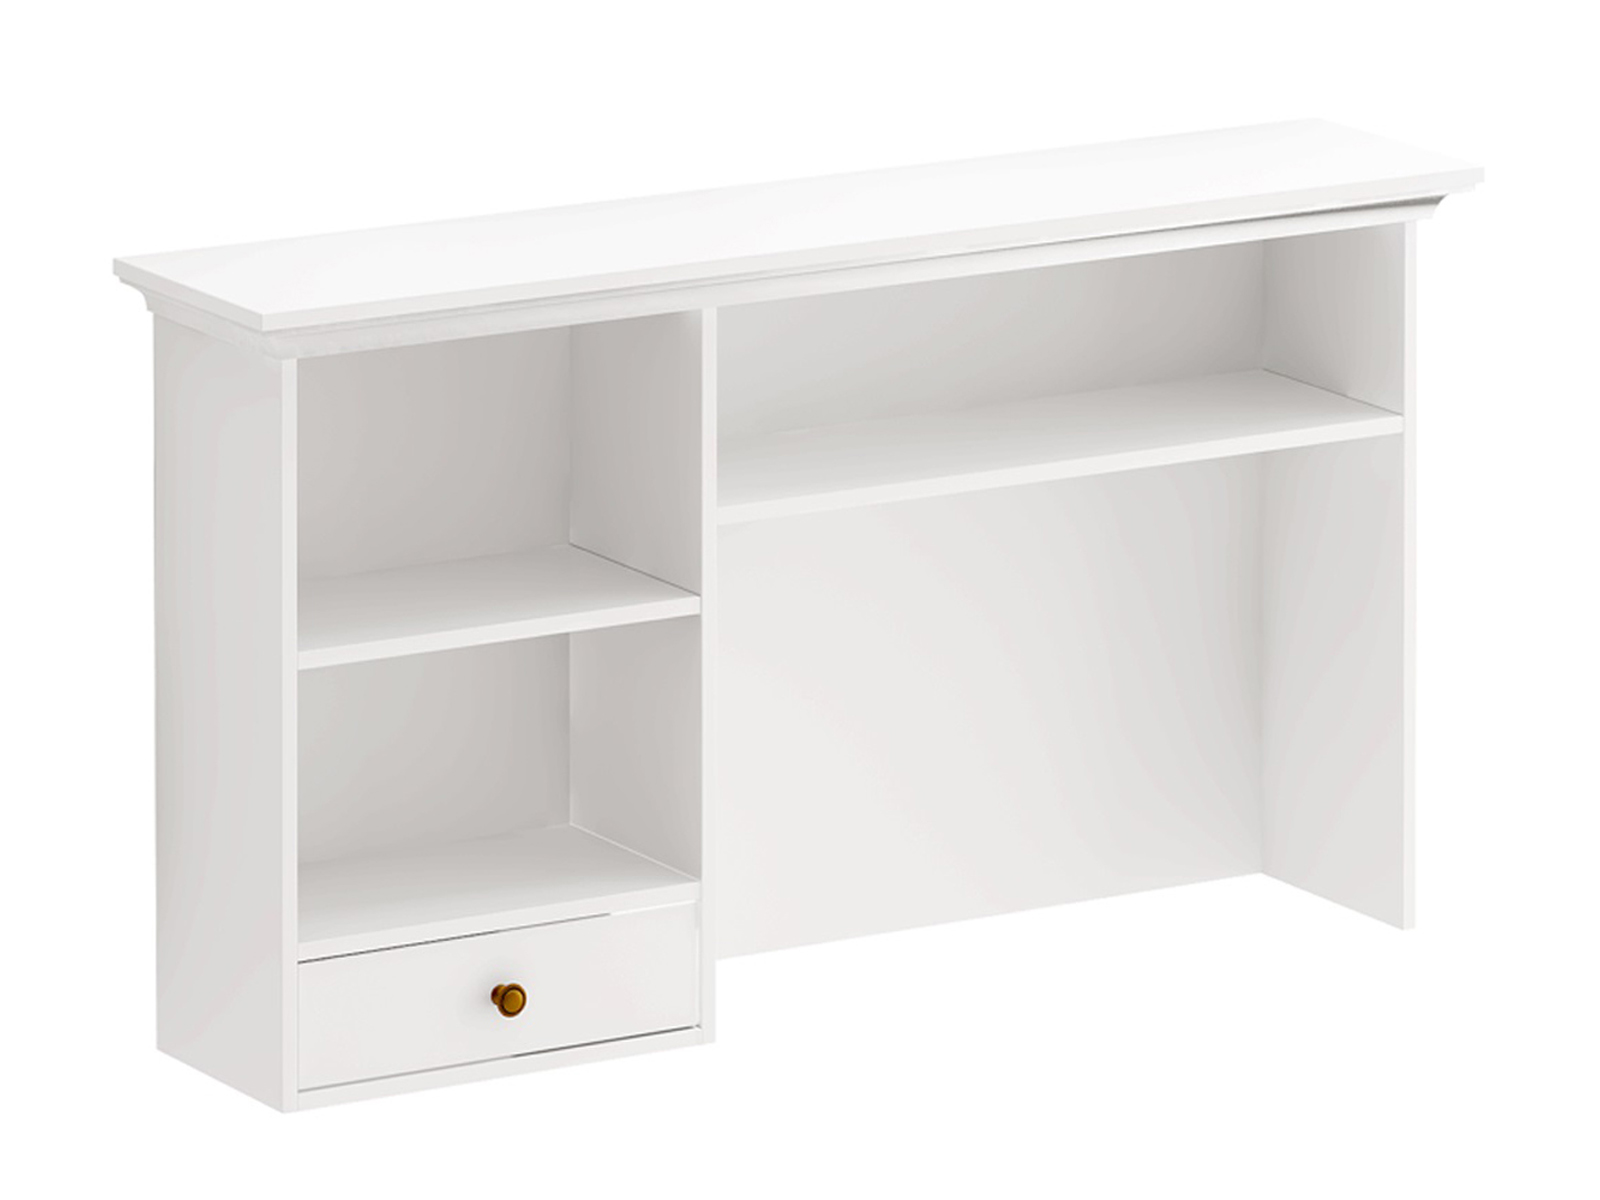 Полочный модуль Reina БелыйСтолы<br>Полочный модуль для установки на крышку стола, либо для навешивания на стену. Имеет выдвижной ящик и полки, уровень которых может регулироваться. При сборке отделение с ящиком может быть установлено слева или справа. Модуль необходимо крепить к стене с по...<br>